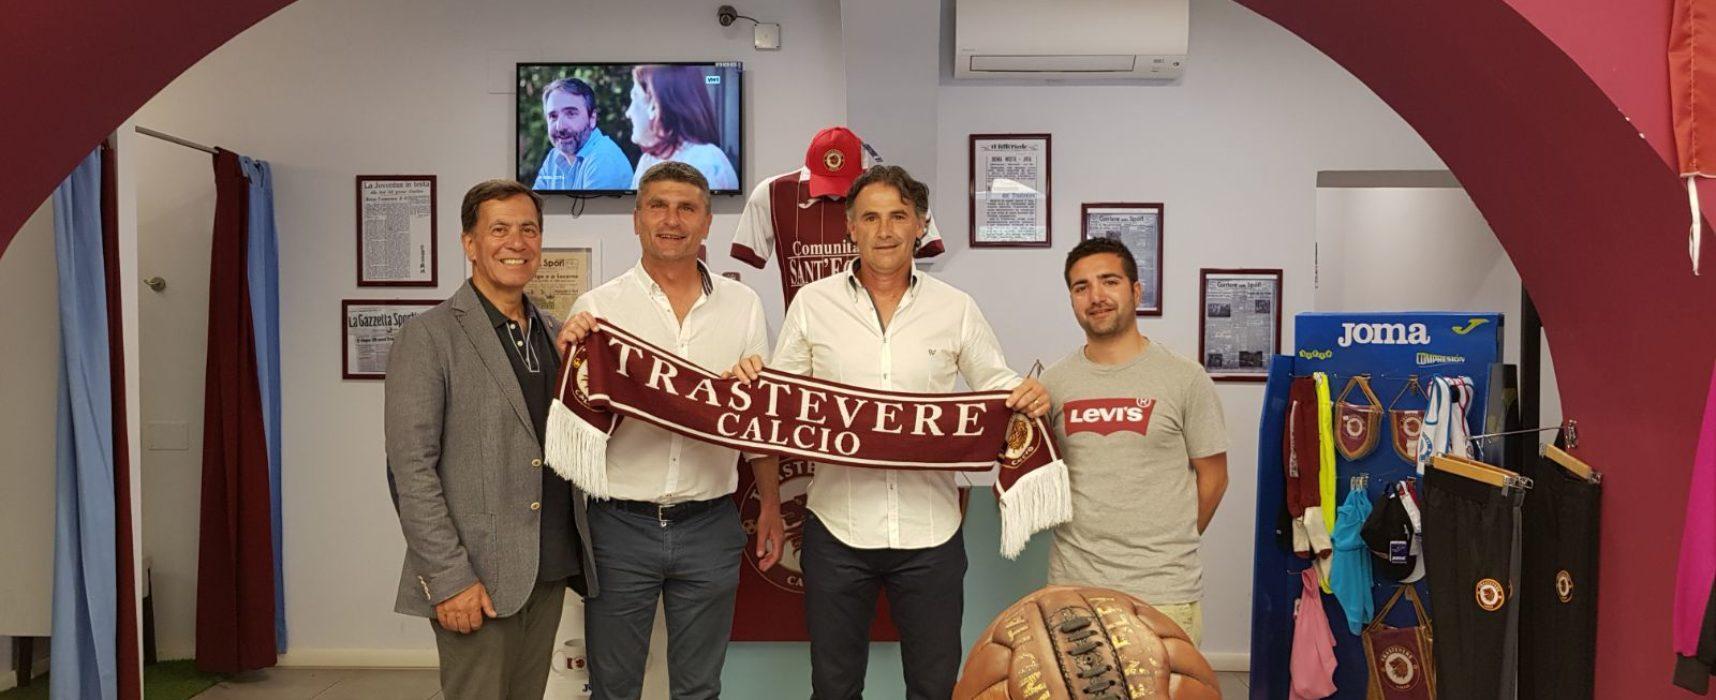 Stefano Mattiuzzo nuovo D.S. e Fabrizio Perrotti nuovo mister della prima squadra